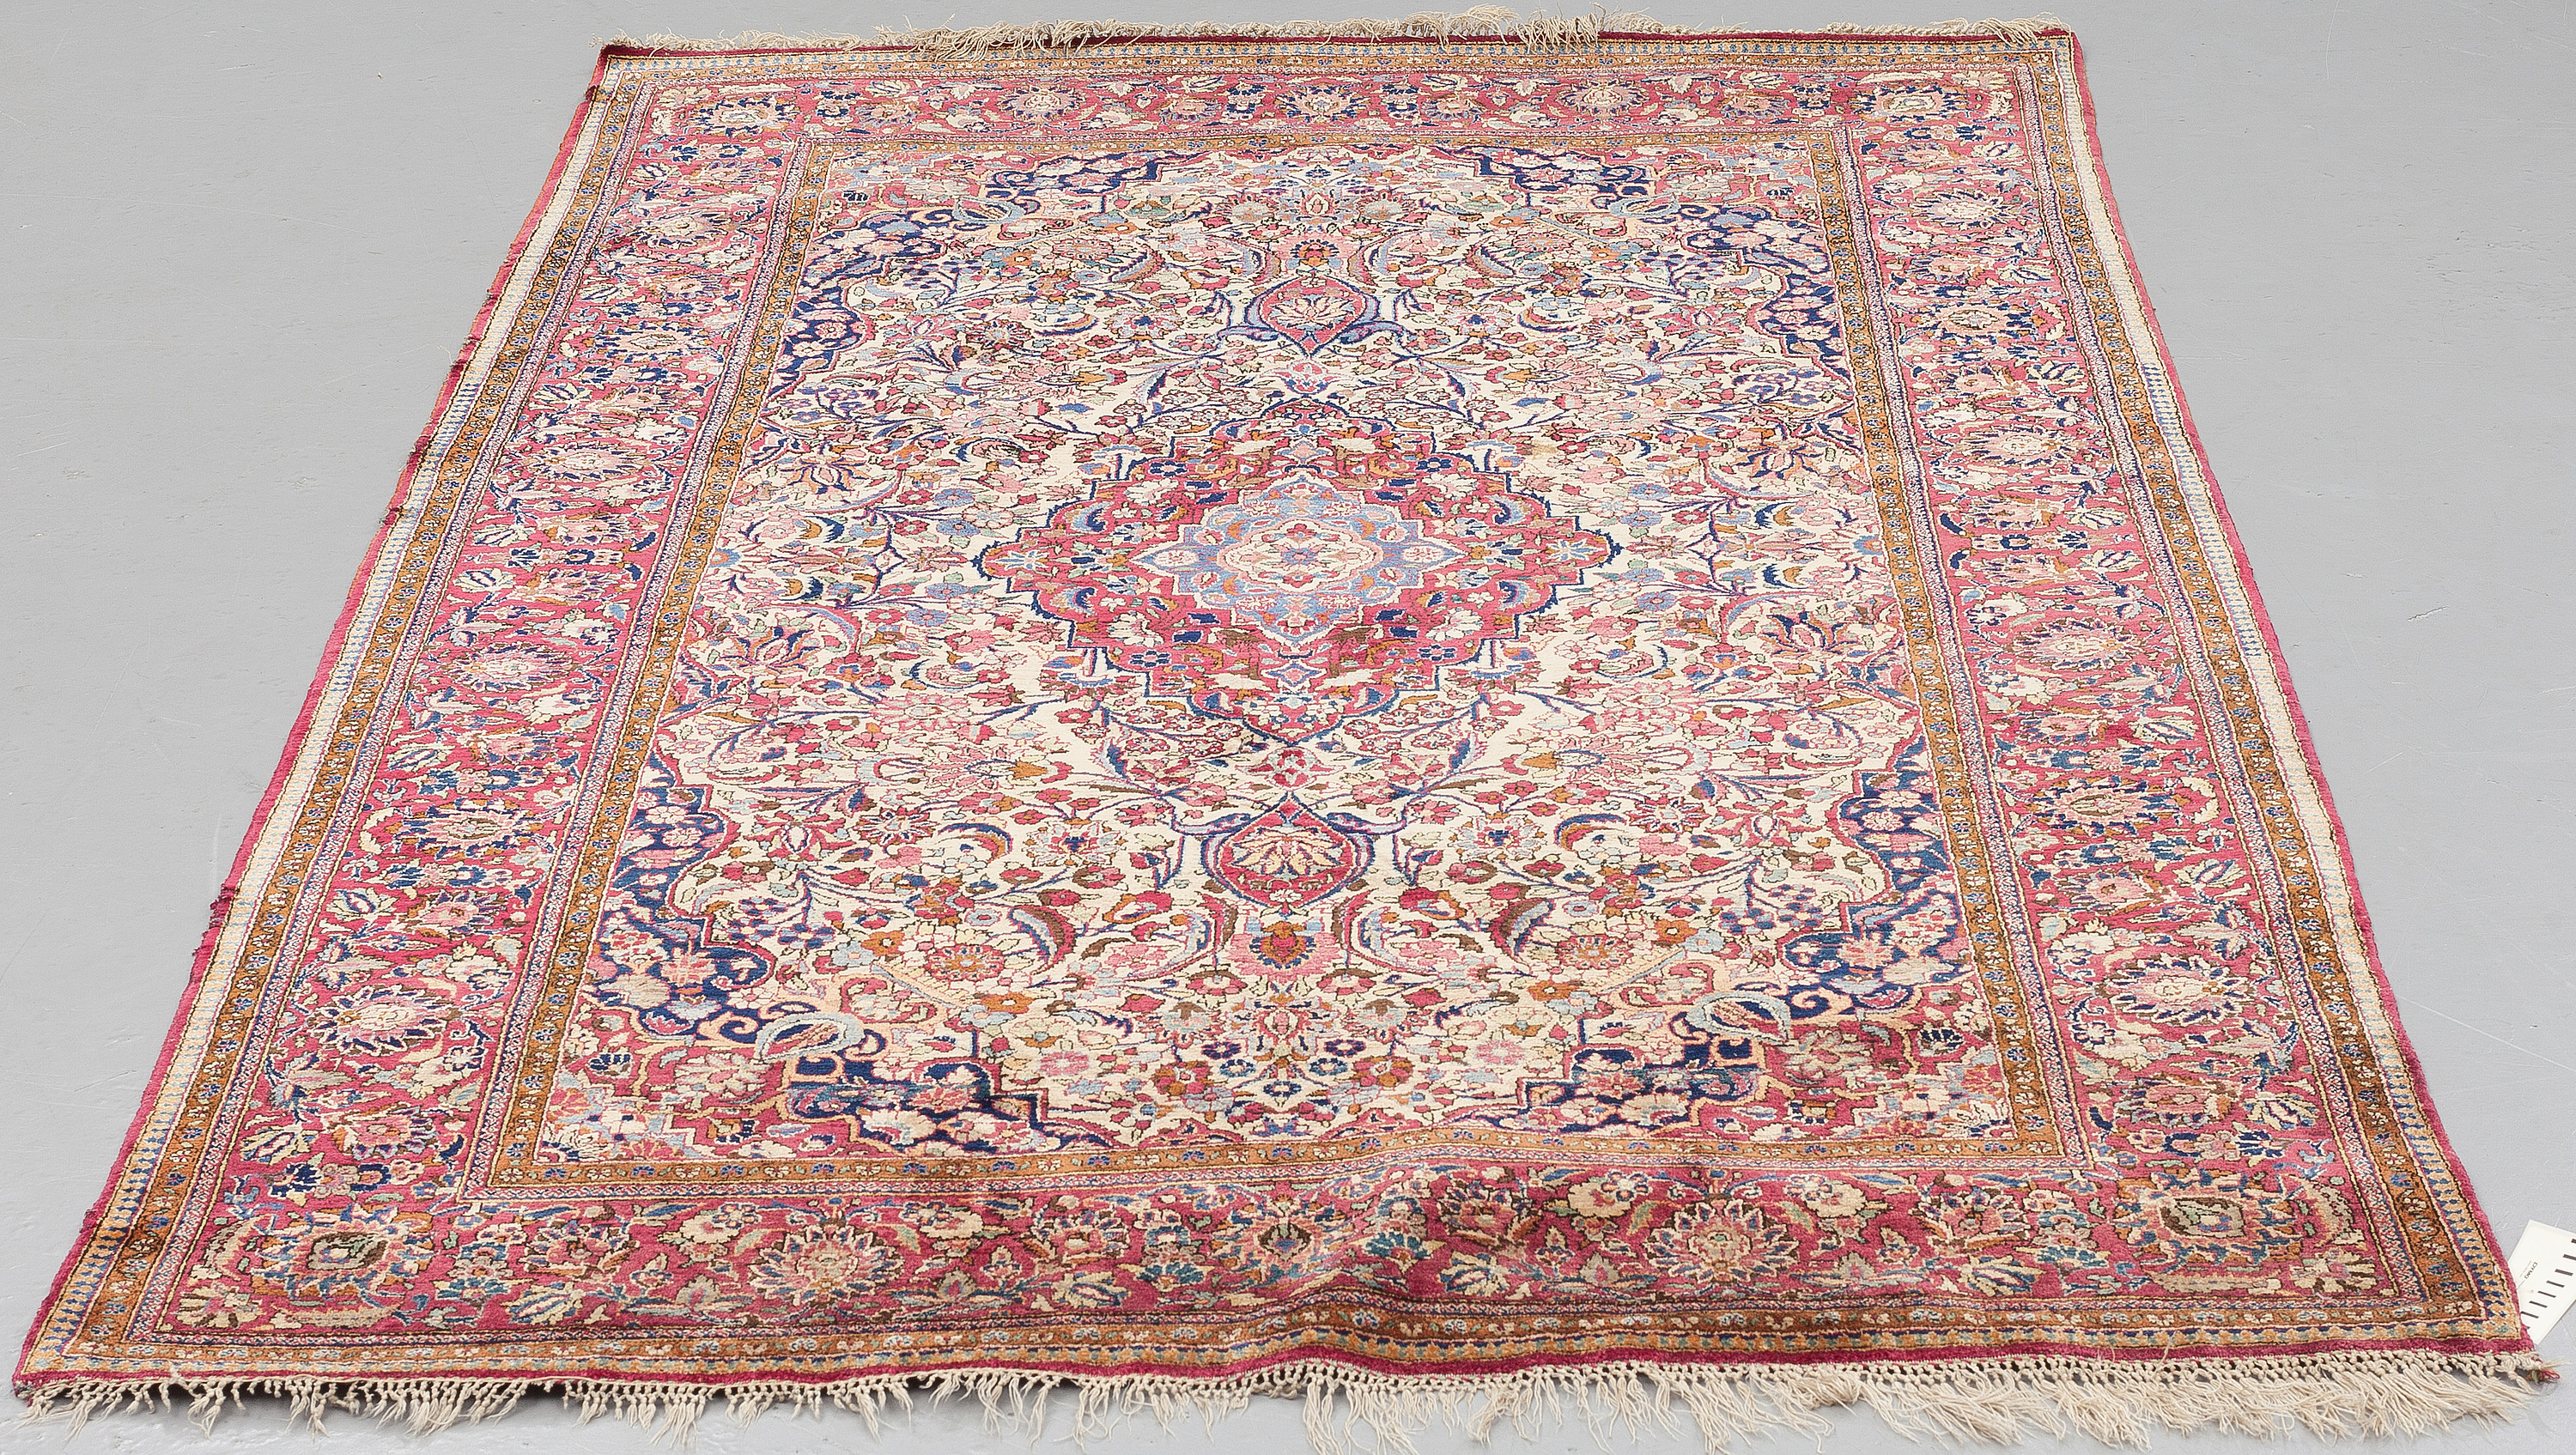 A Semi Antique Silk Kashan Rug Around 209 X 130 Cm